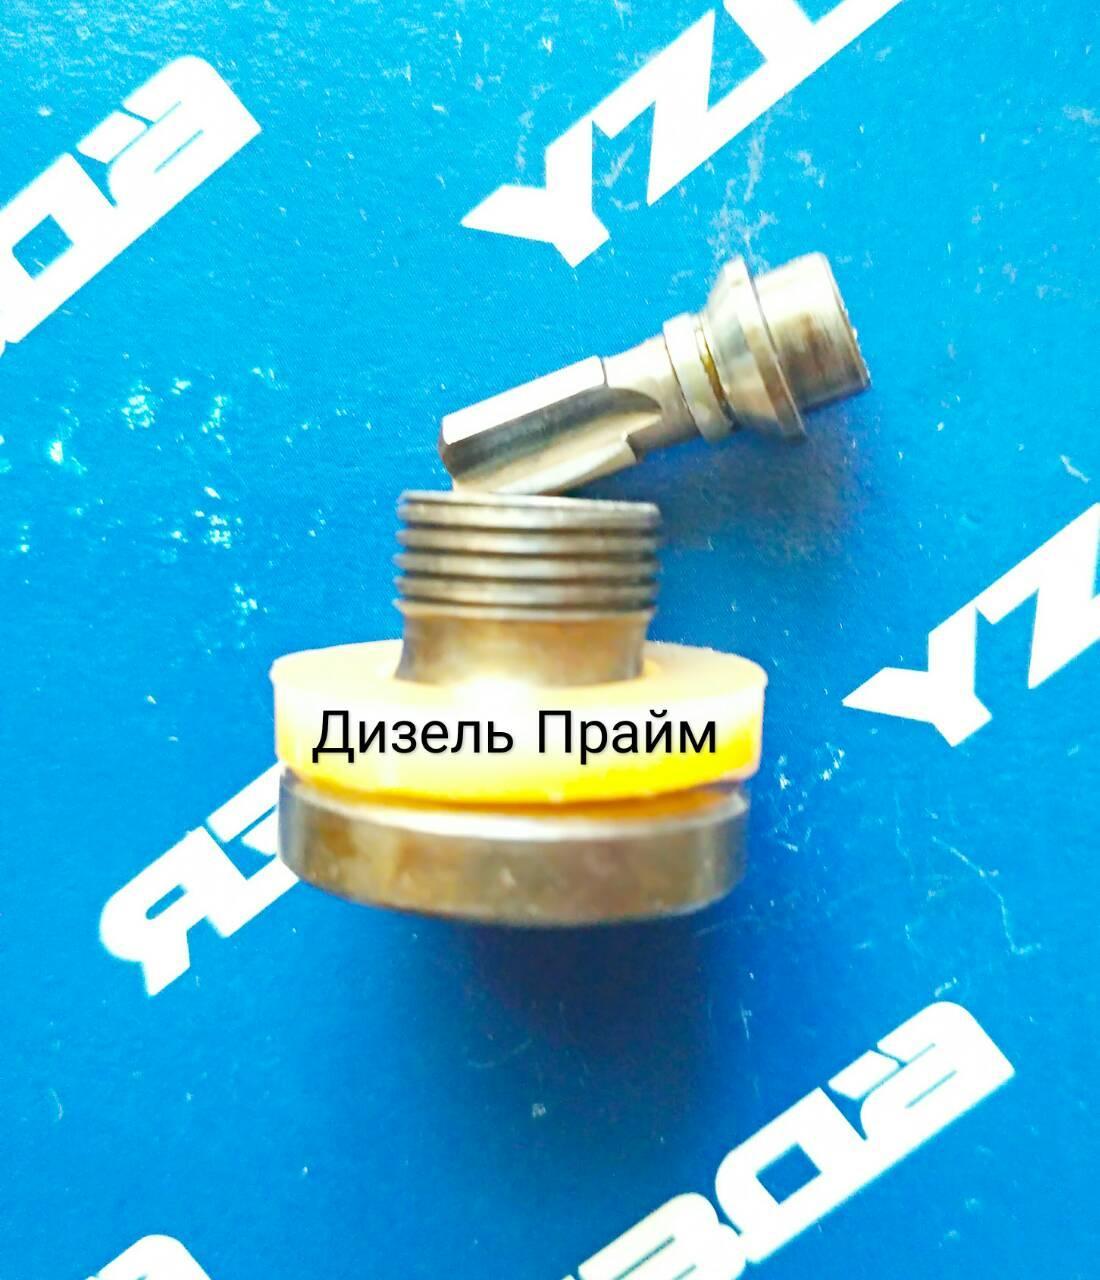 Клапан нагнетательный ТНВД УТН-5, МТЗ-80, ЮМЗ-6, УТН-5-1111220